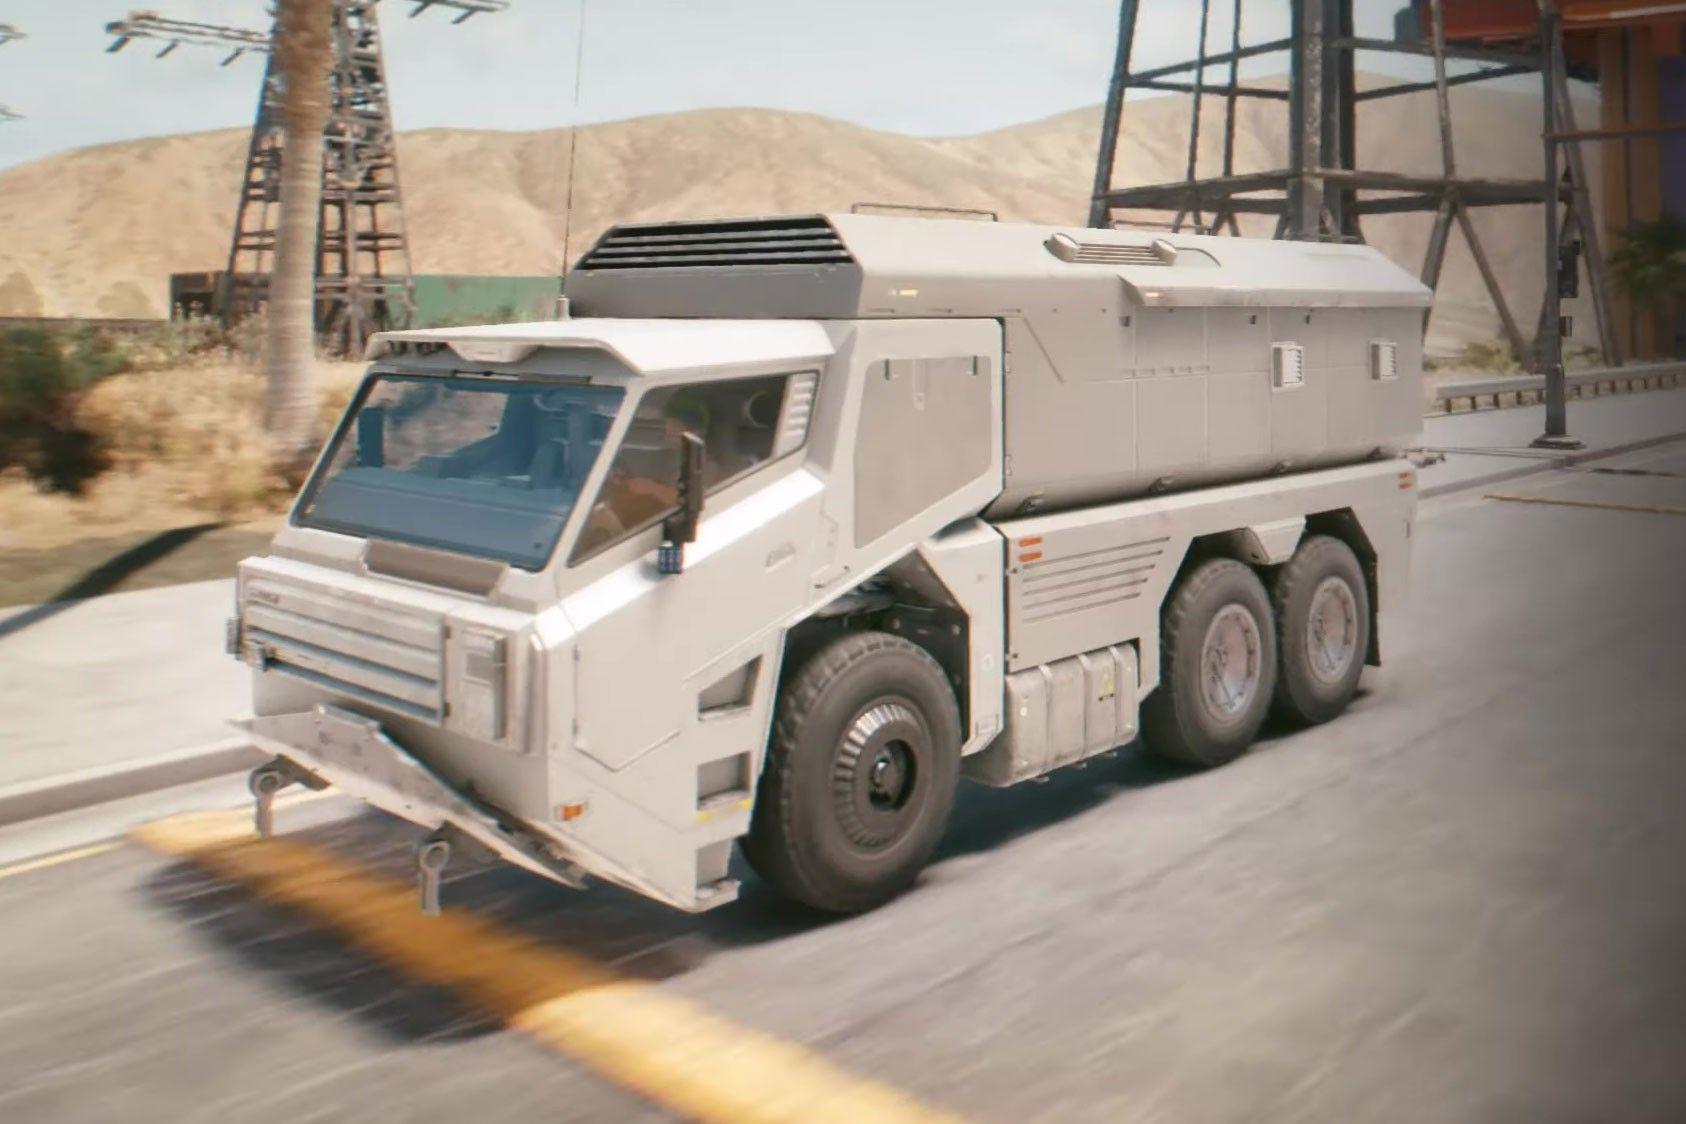 Το στρατιωτικό όχημα που πολλοί αγάπησαν, το Militech Behemoth